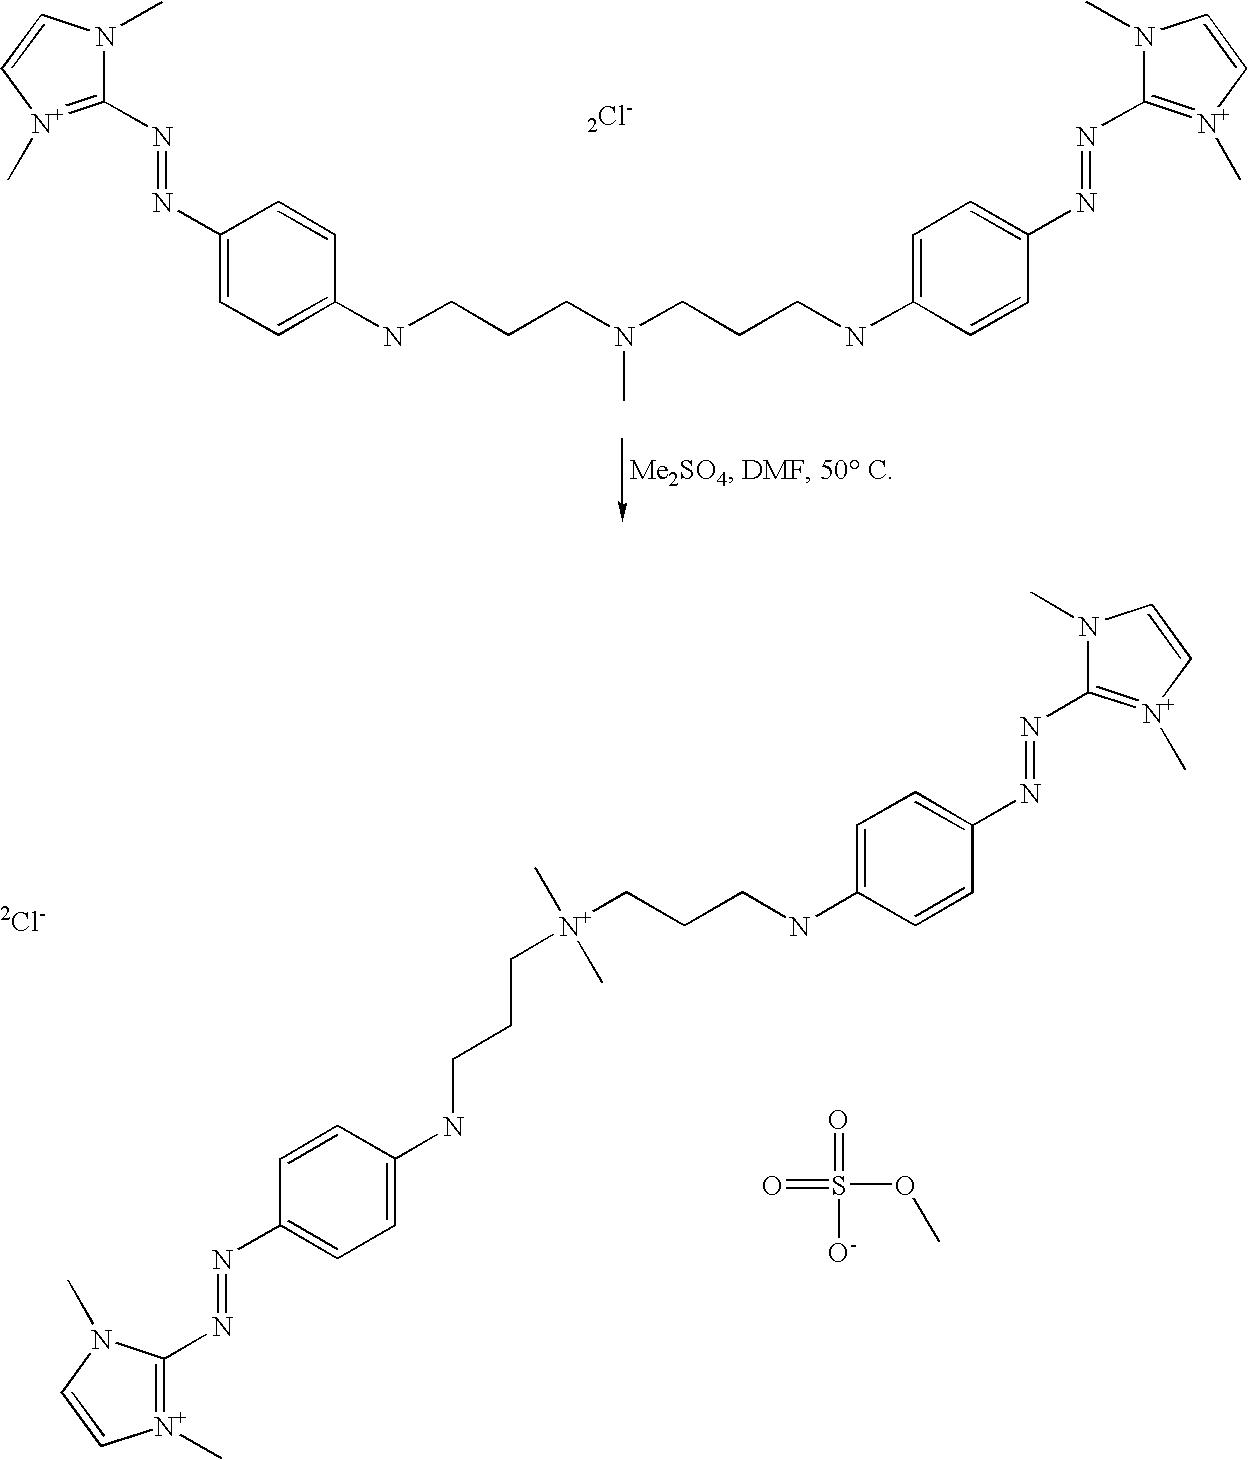 Figure US07282068-20071016-C00011